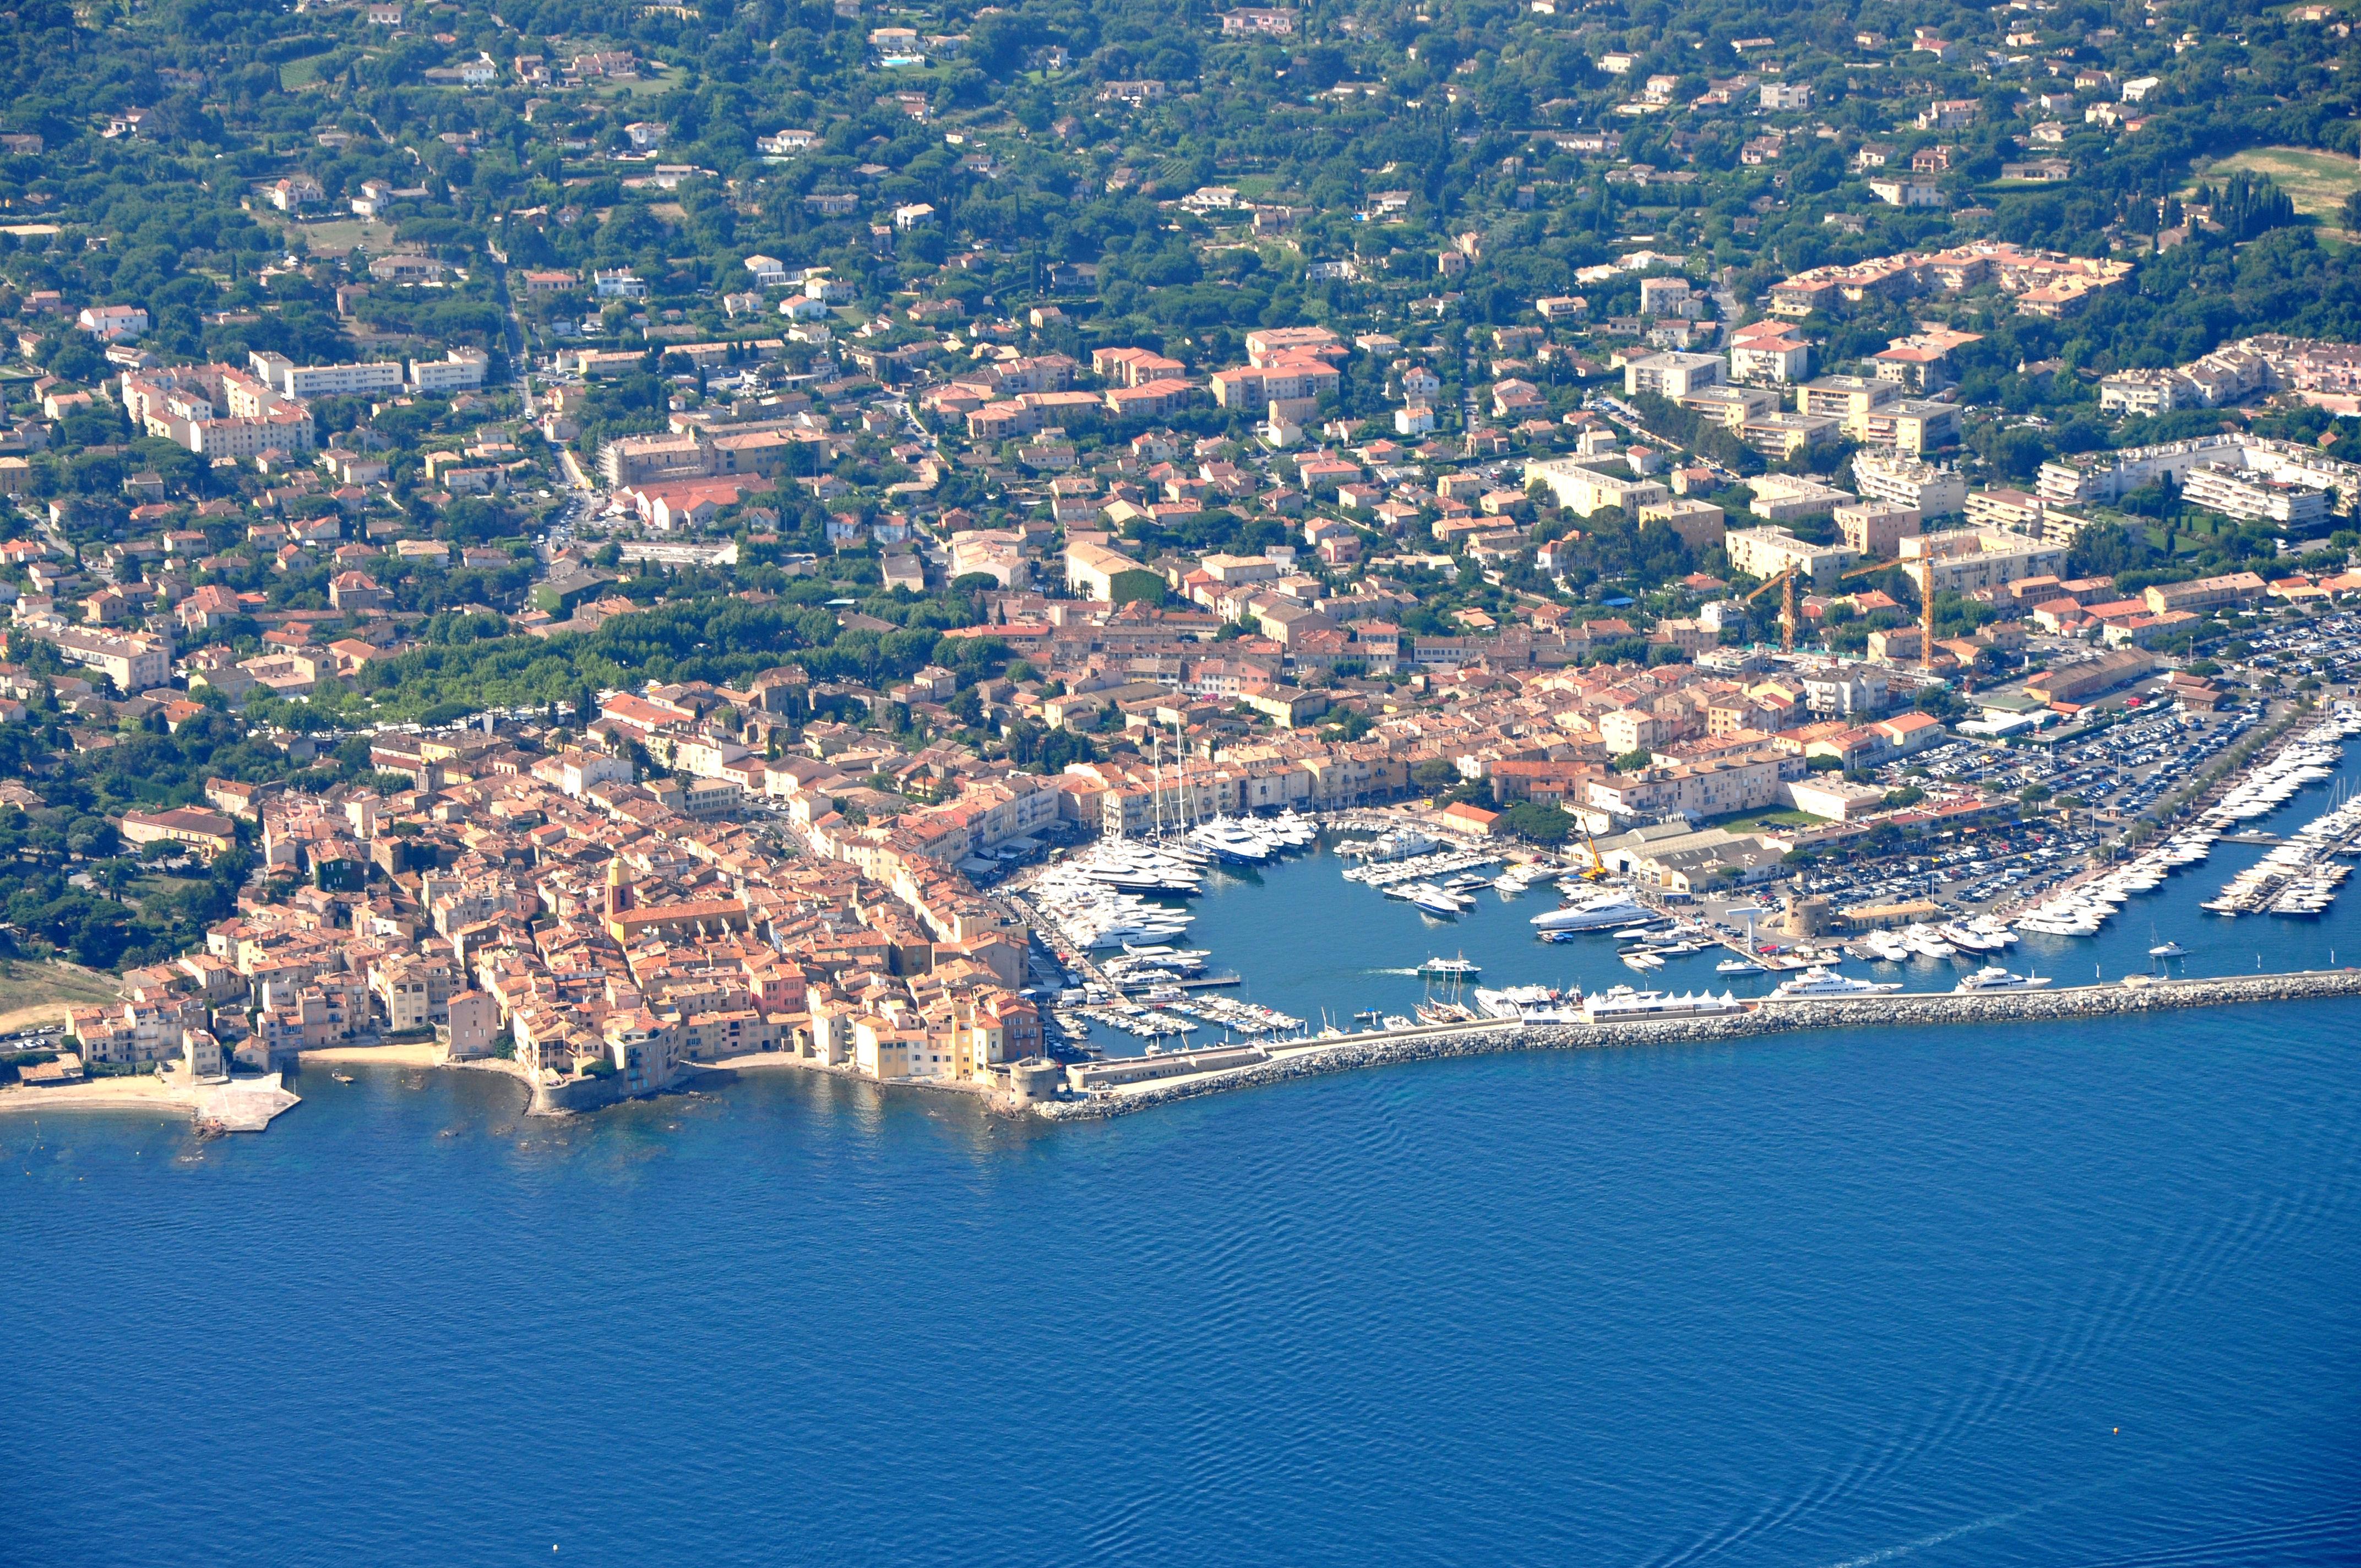 Vos plus belles photos - Page 4 Saint-Tropez_-_Vue_a%C3%A9rienne_(2)